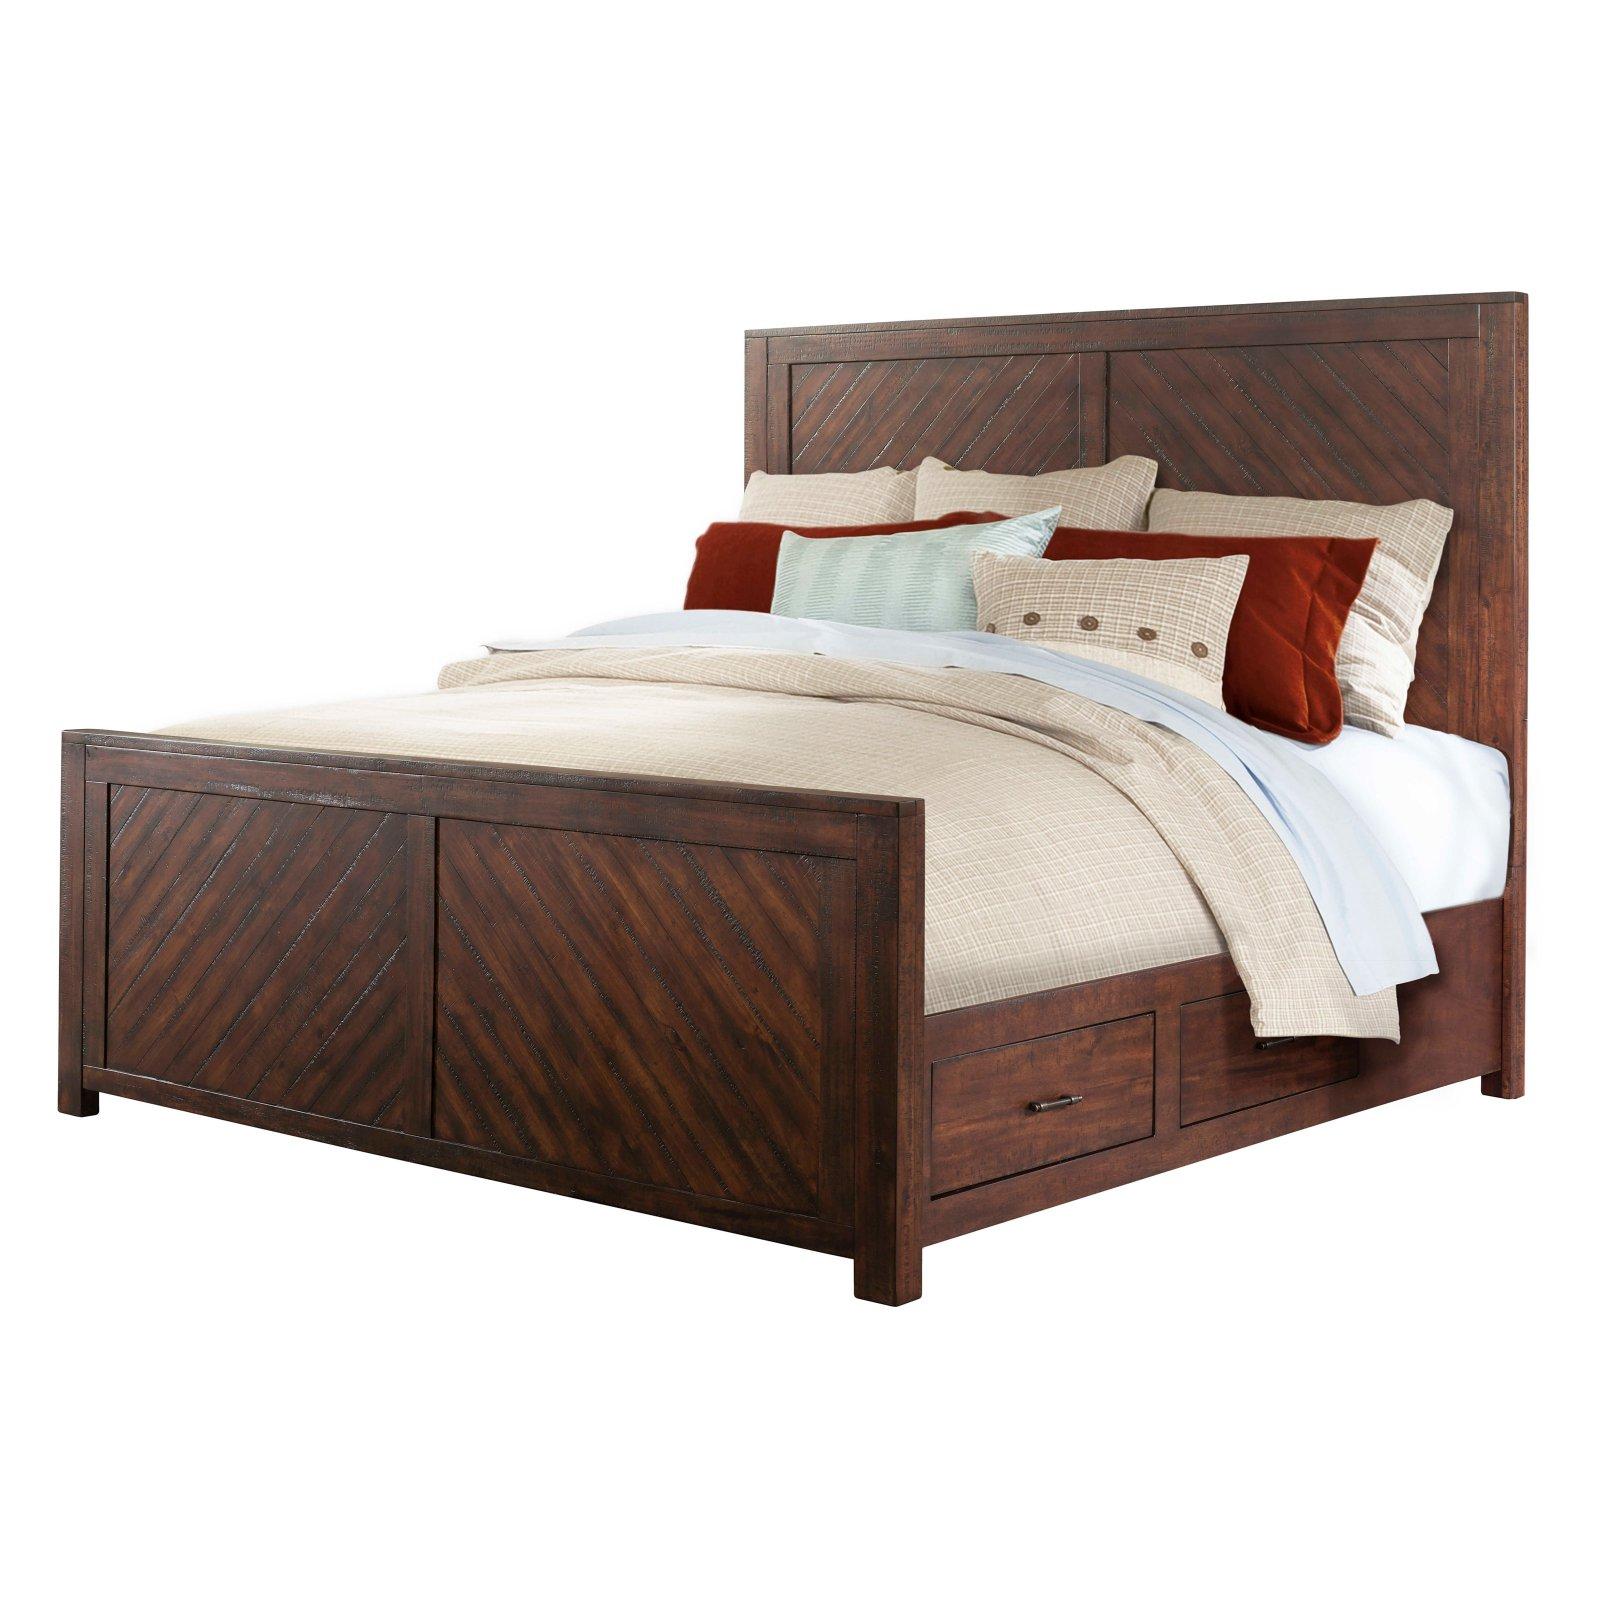 Picket House Dex King Platform Storage Bed